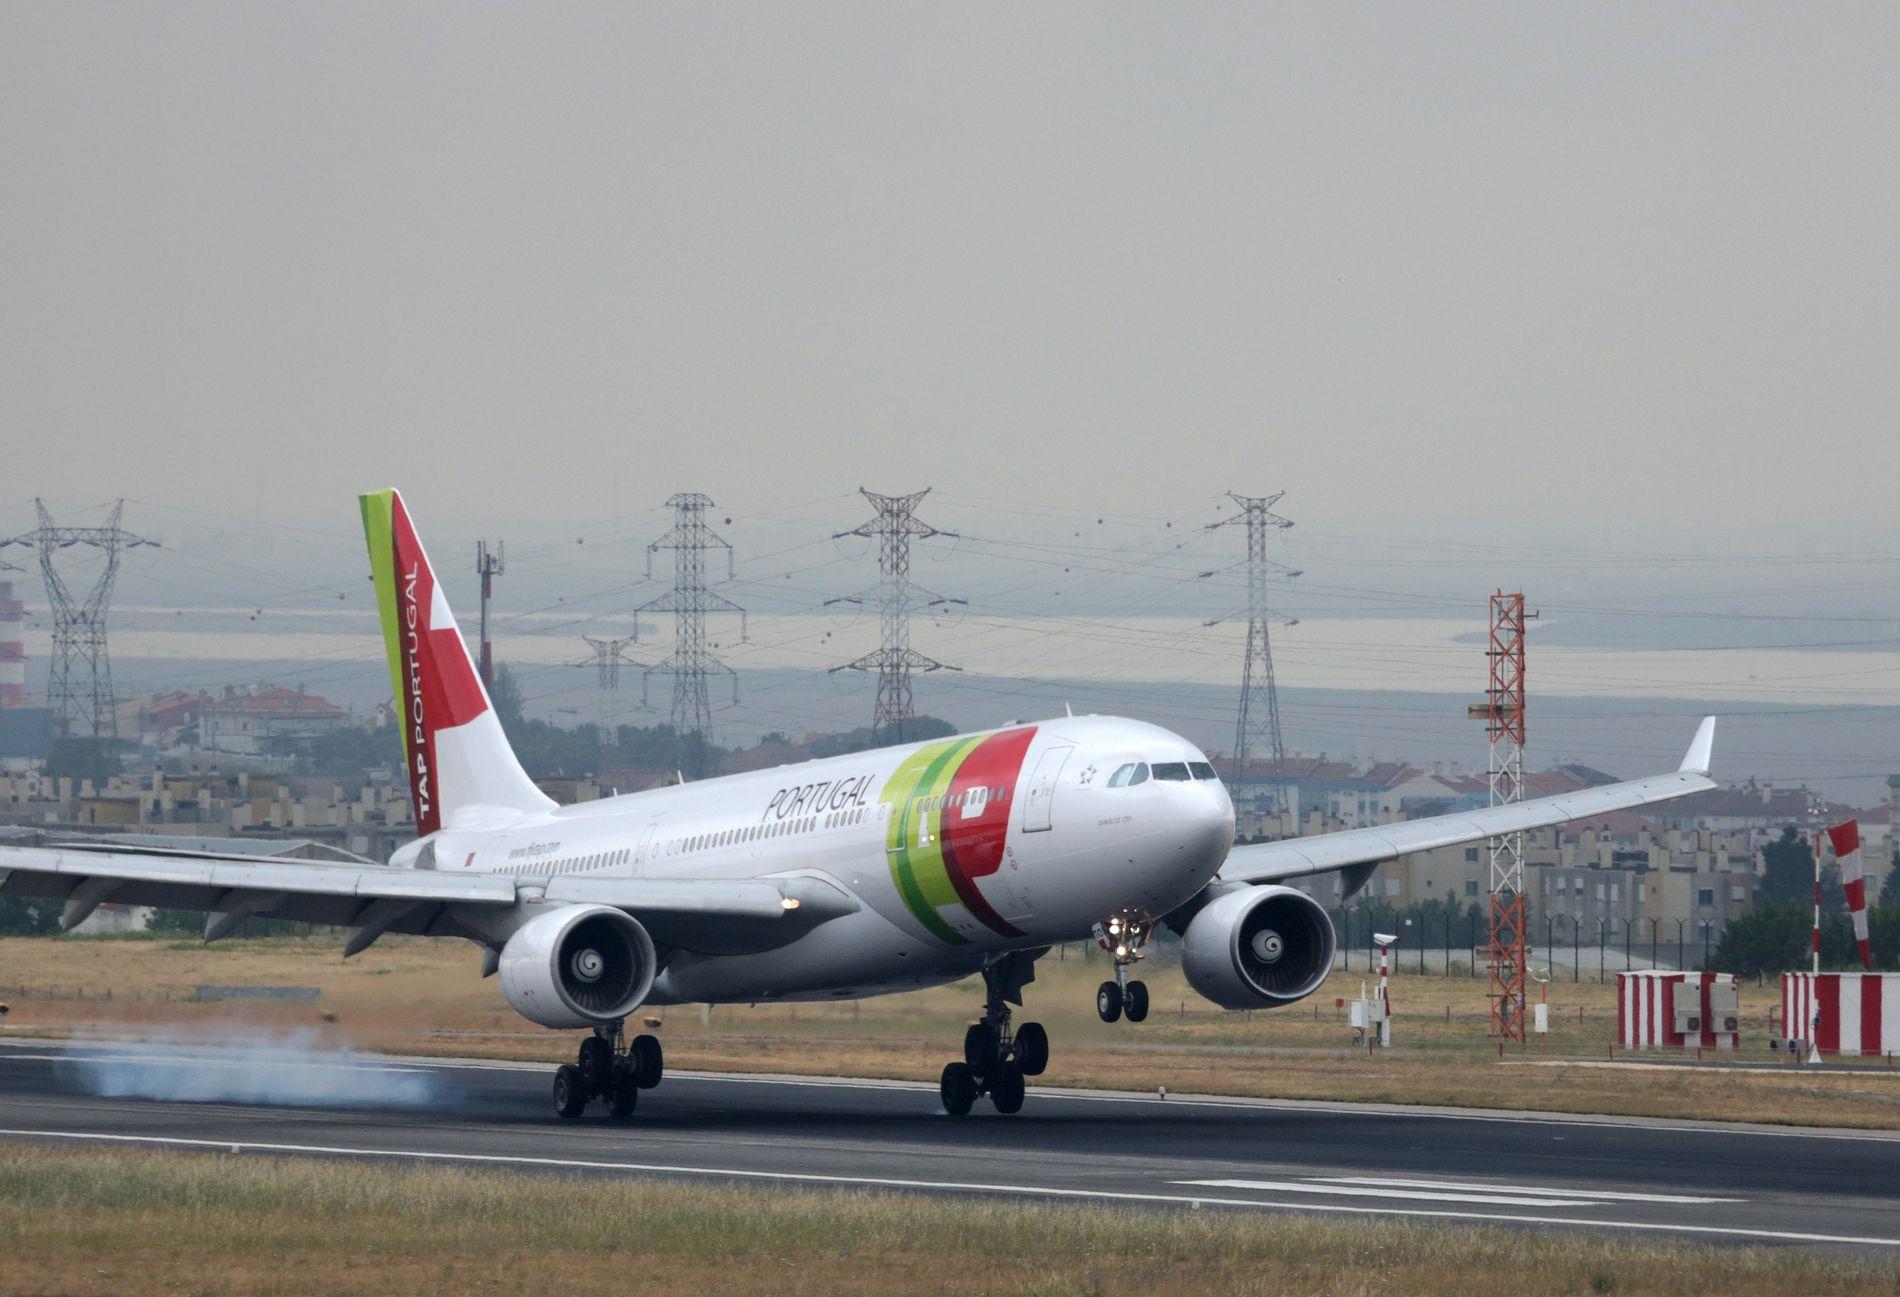 SAMME SELSKAP: Det var et fly fra statseide TAP Air Portugal som fikk startforbud. Dette bildet er av en flight fra Recife i Brasil som lander i Lisboa i juni 2015.